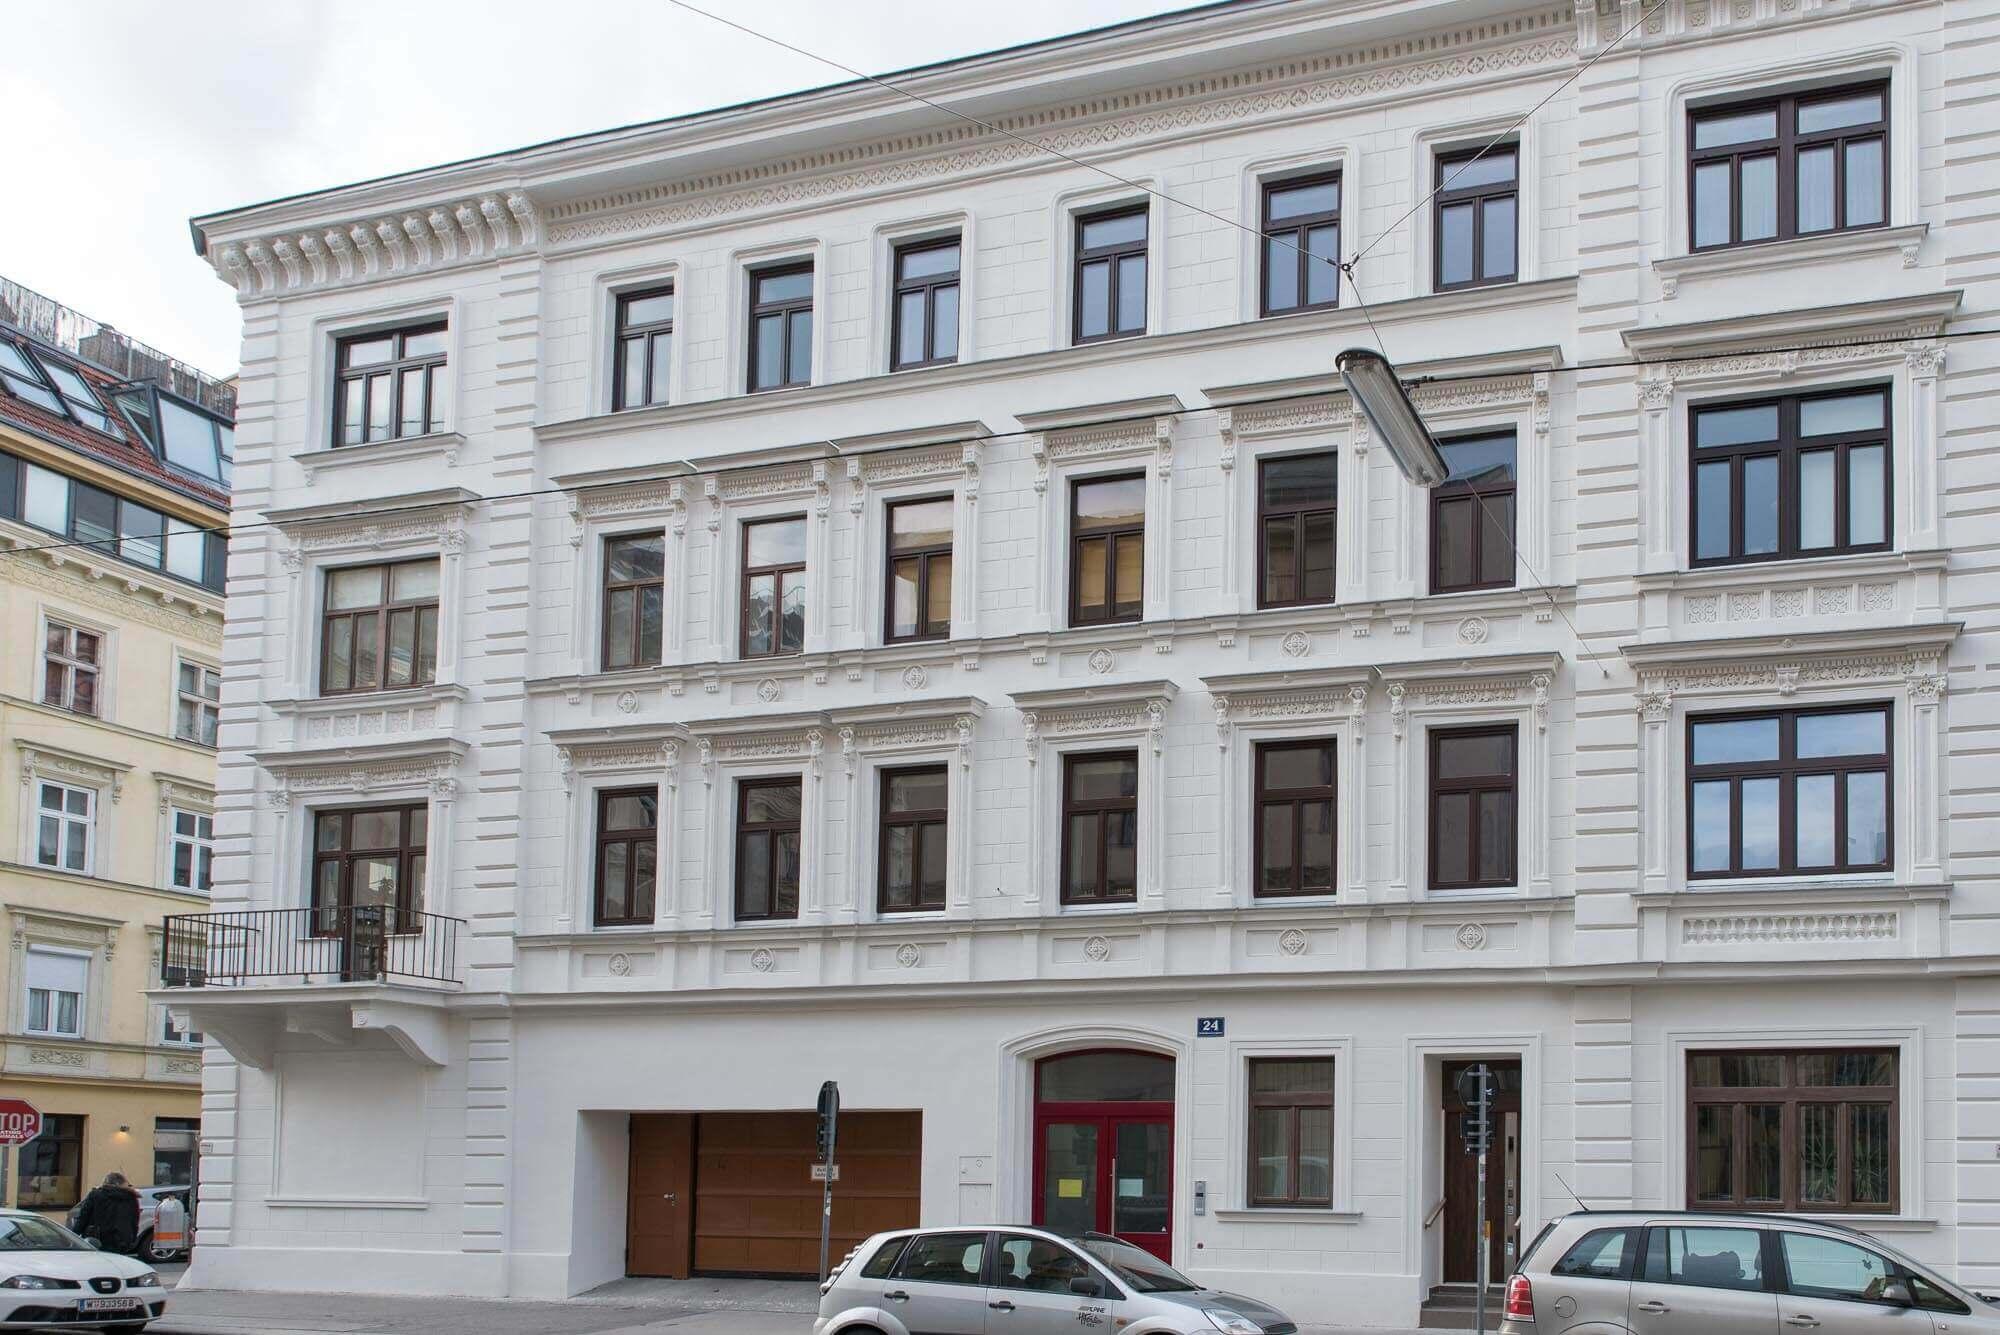 006-Siebenbrunnergasse 24